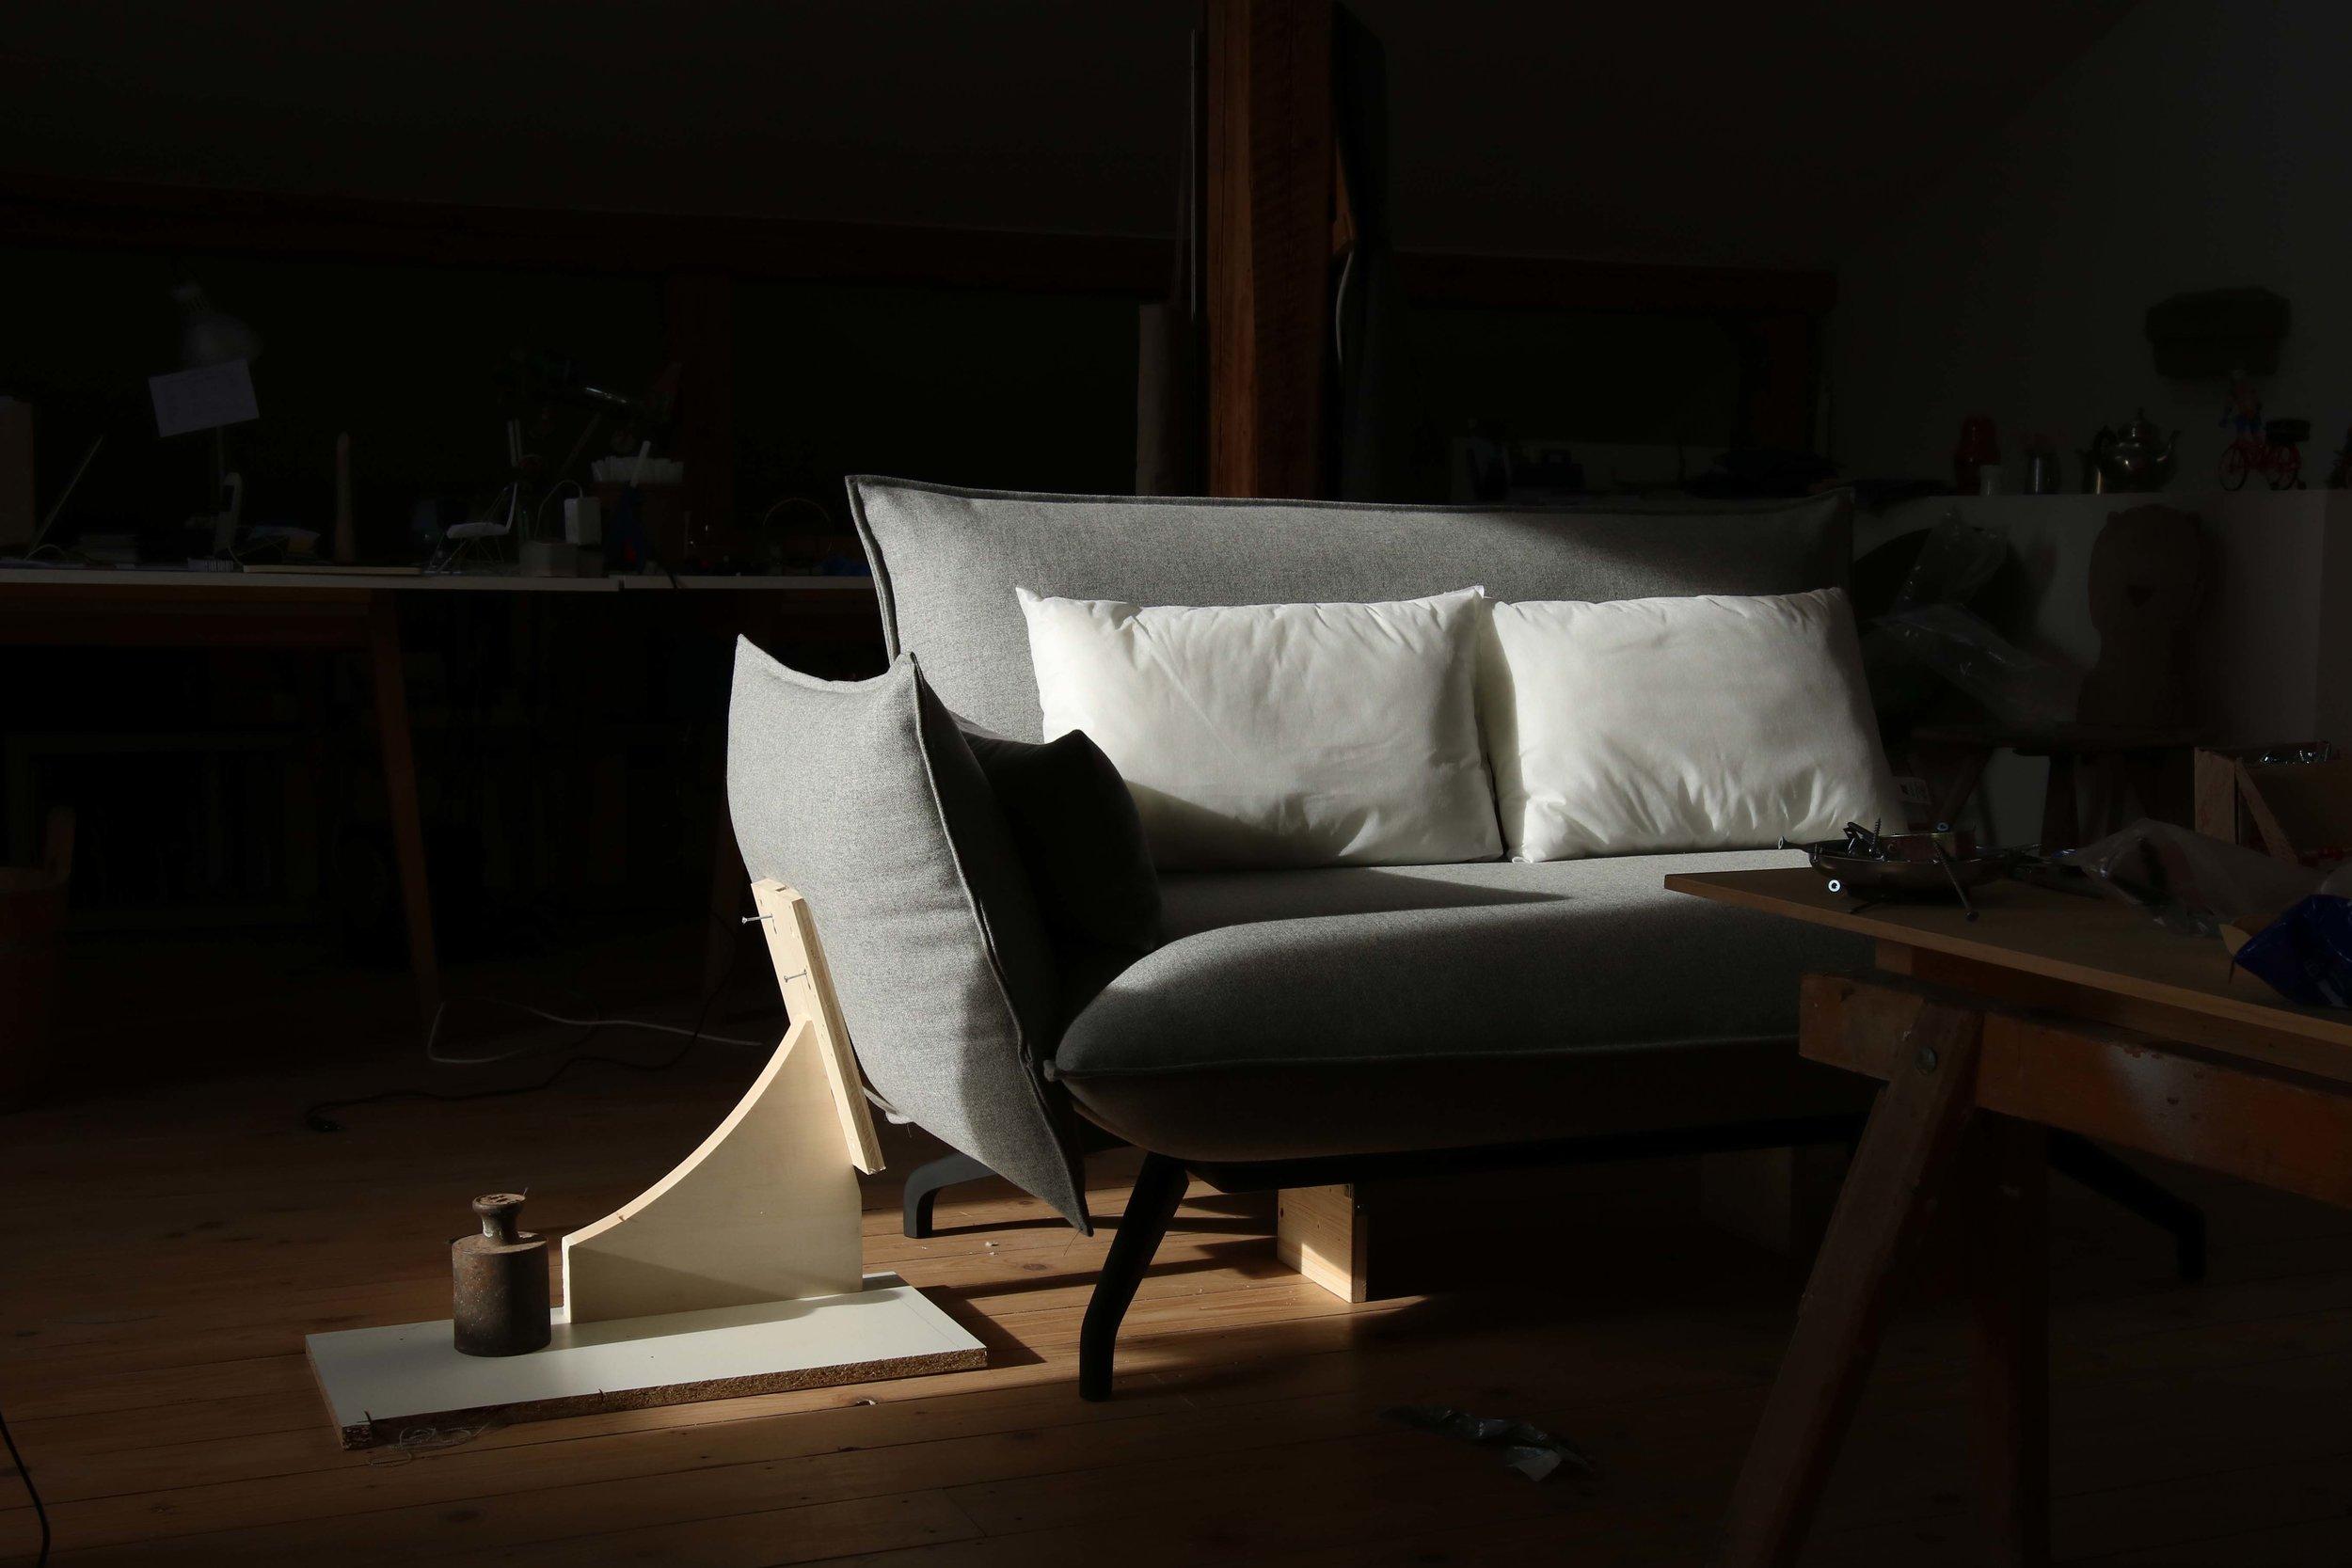 Johannes-Steinbauer-Design-Invert-Sofa-Softline-Making-Of-5.jpg